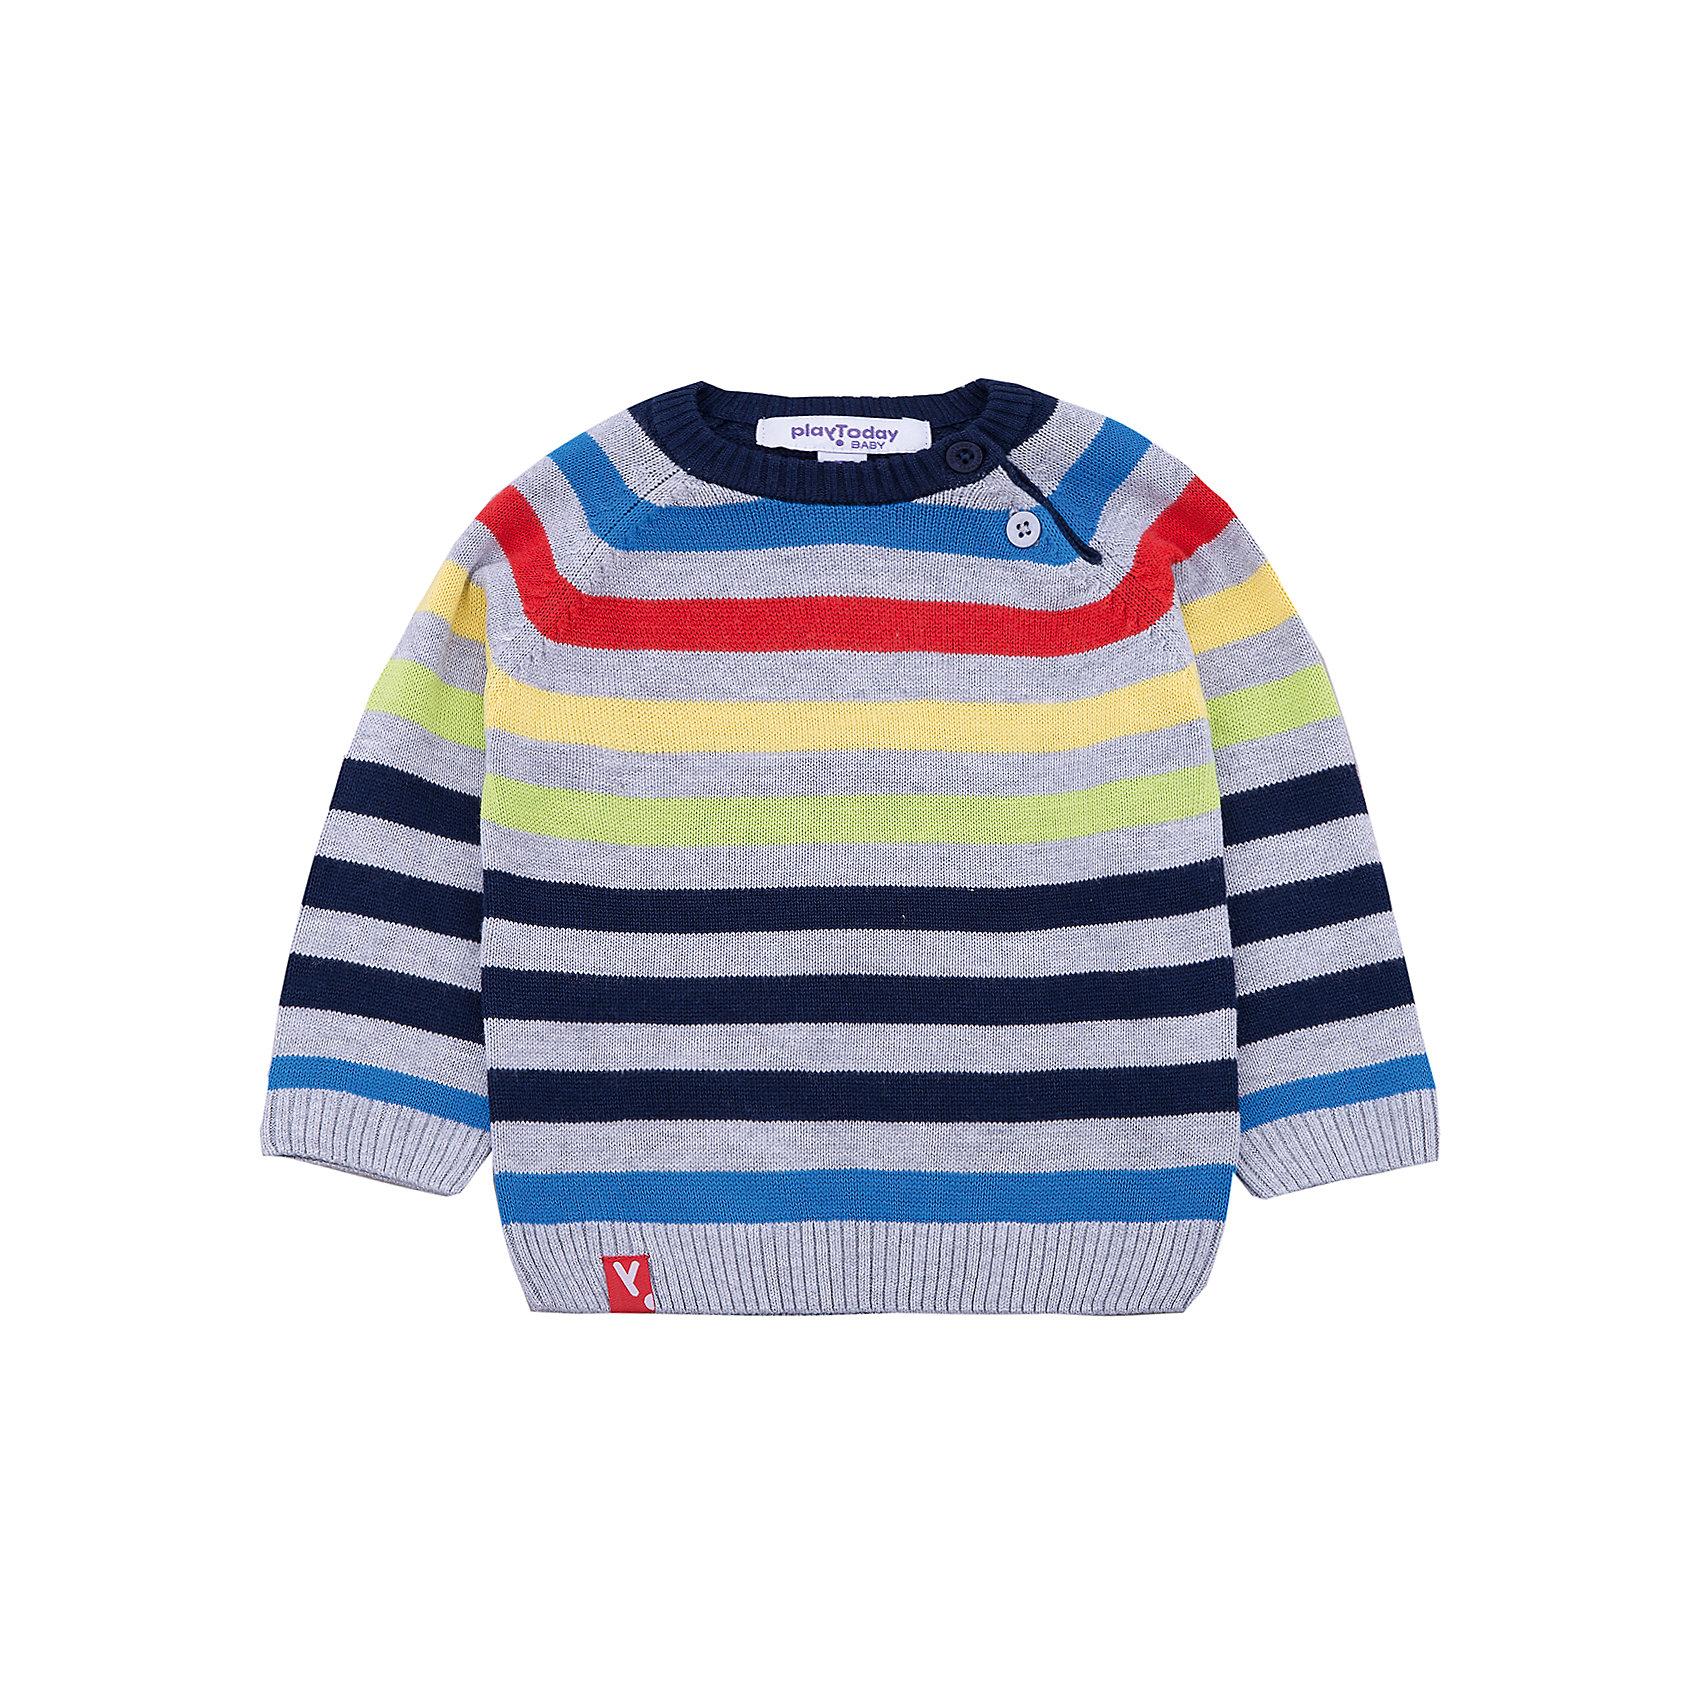 Джемпер PlayToday для мальчикаТолстовки, свитера, кардиганы<br>Джемпер PlayToday для мальчика<br>Джемпер - отличное решение для повседневного гардероба ребенка. Свободный крой не сковывает движений. Модель выполнена по технологии yarn dyed - в процессе производства используются разного цвета нити. При рекомендуемом уходе изделие не линяет и надолго остается в прежнем виде.<br>Состав:<br>60% вискоза, 40% хлопок<br><br>Ширина мм: 190<br>Глубина мм: 74<br>Высота мм: 229<br>Вес г: 236<br>Цвет: белый<br>Возраст от месяцев: 18<br>Возраст до месяцев: 24<br>Пол: Мужской<br>Возраст: Детский<br>Размер: 92,74,80,86<br>SKU: 7109695